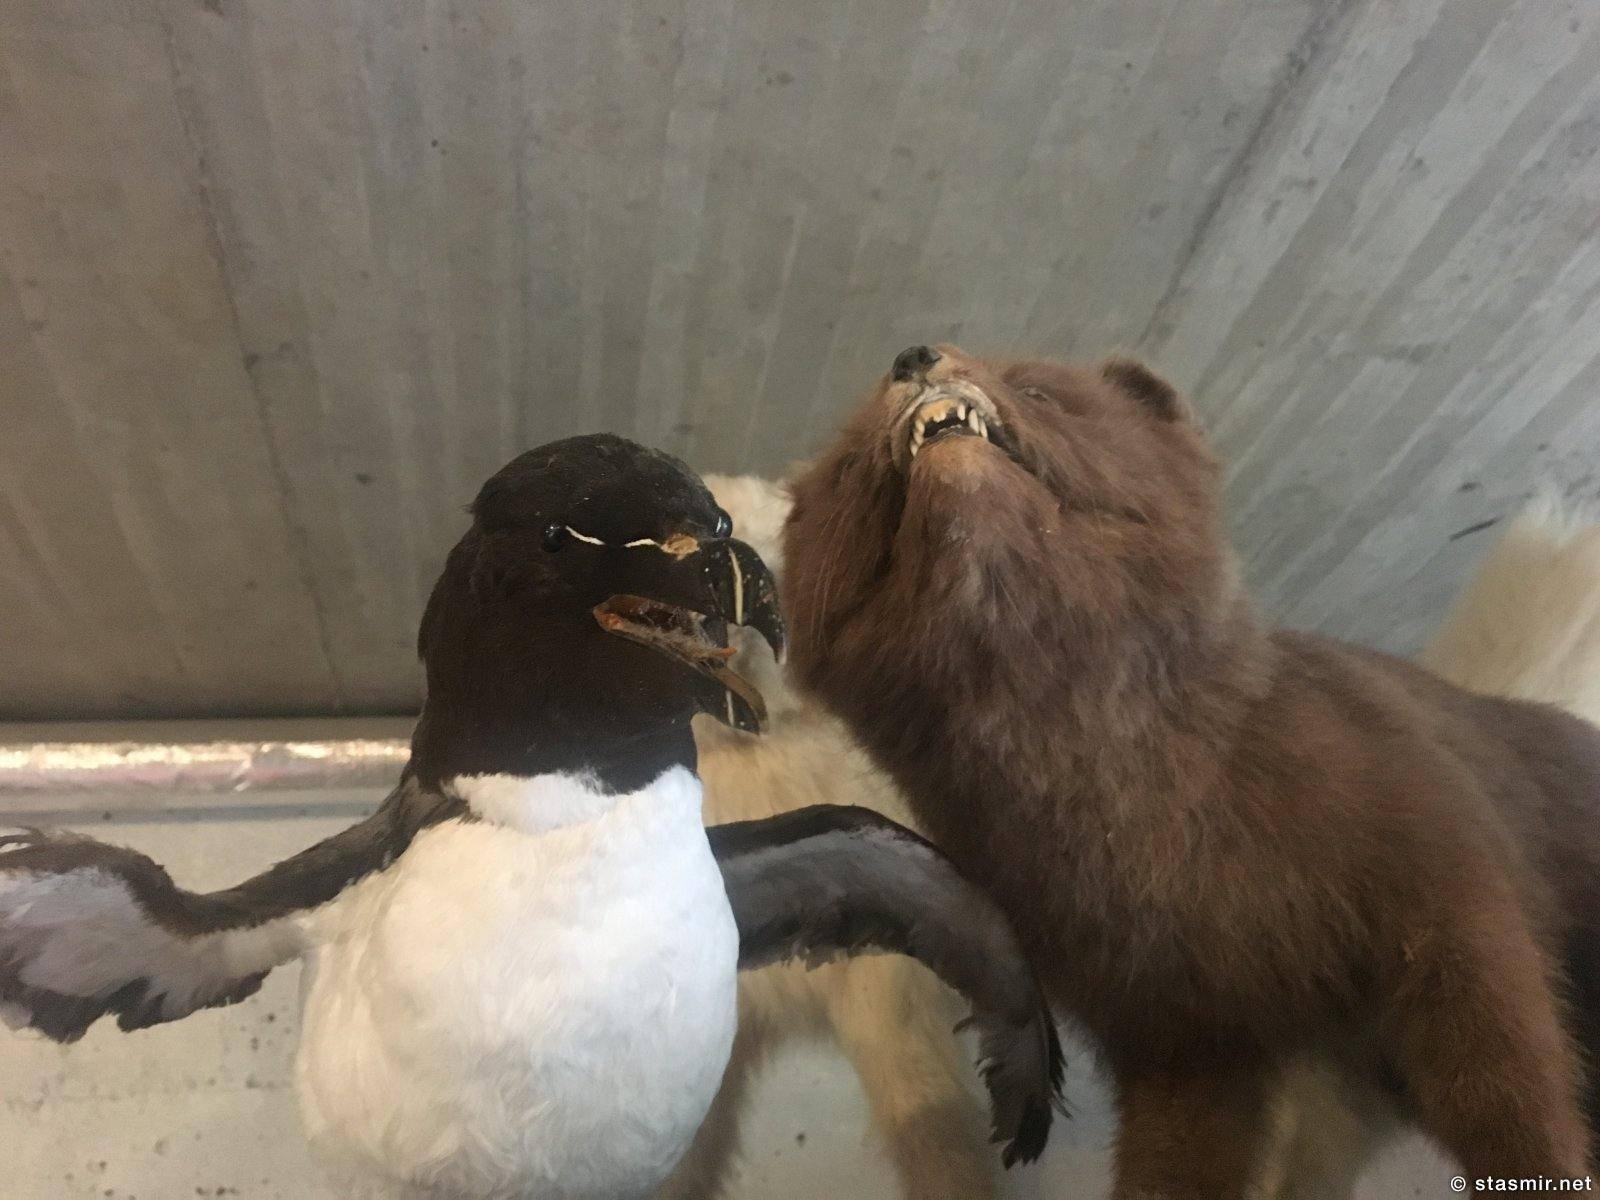 полярная лиса и кайра - заоговрщики-ученые на тему глобального потепления, фото Стасмир, Photo Stasmir